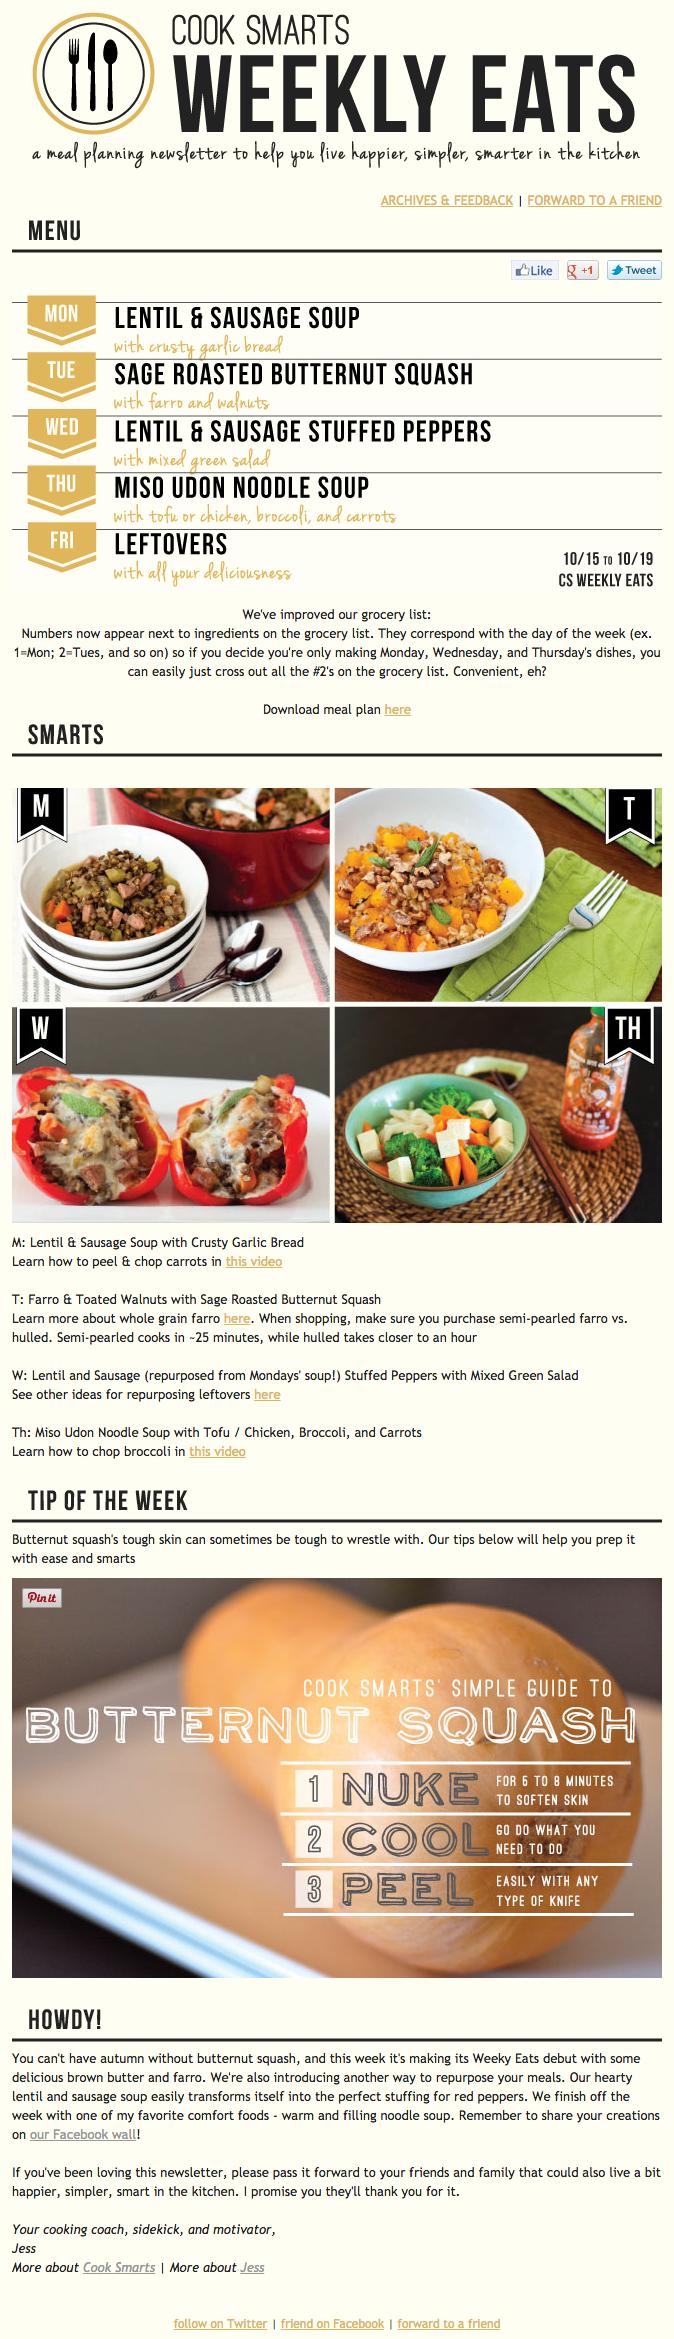 Ejemplo de campaña de marketing por correo electrónico de Cook Smarts en Weekly Eats